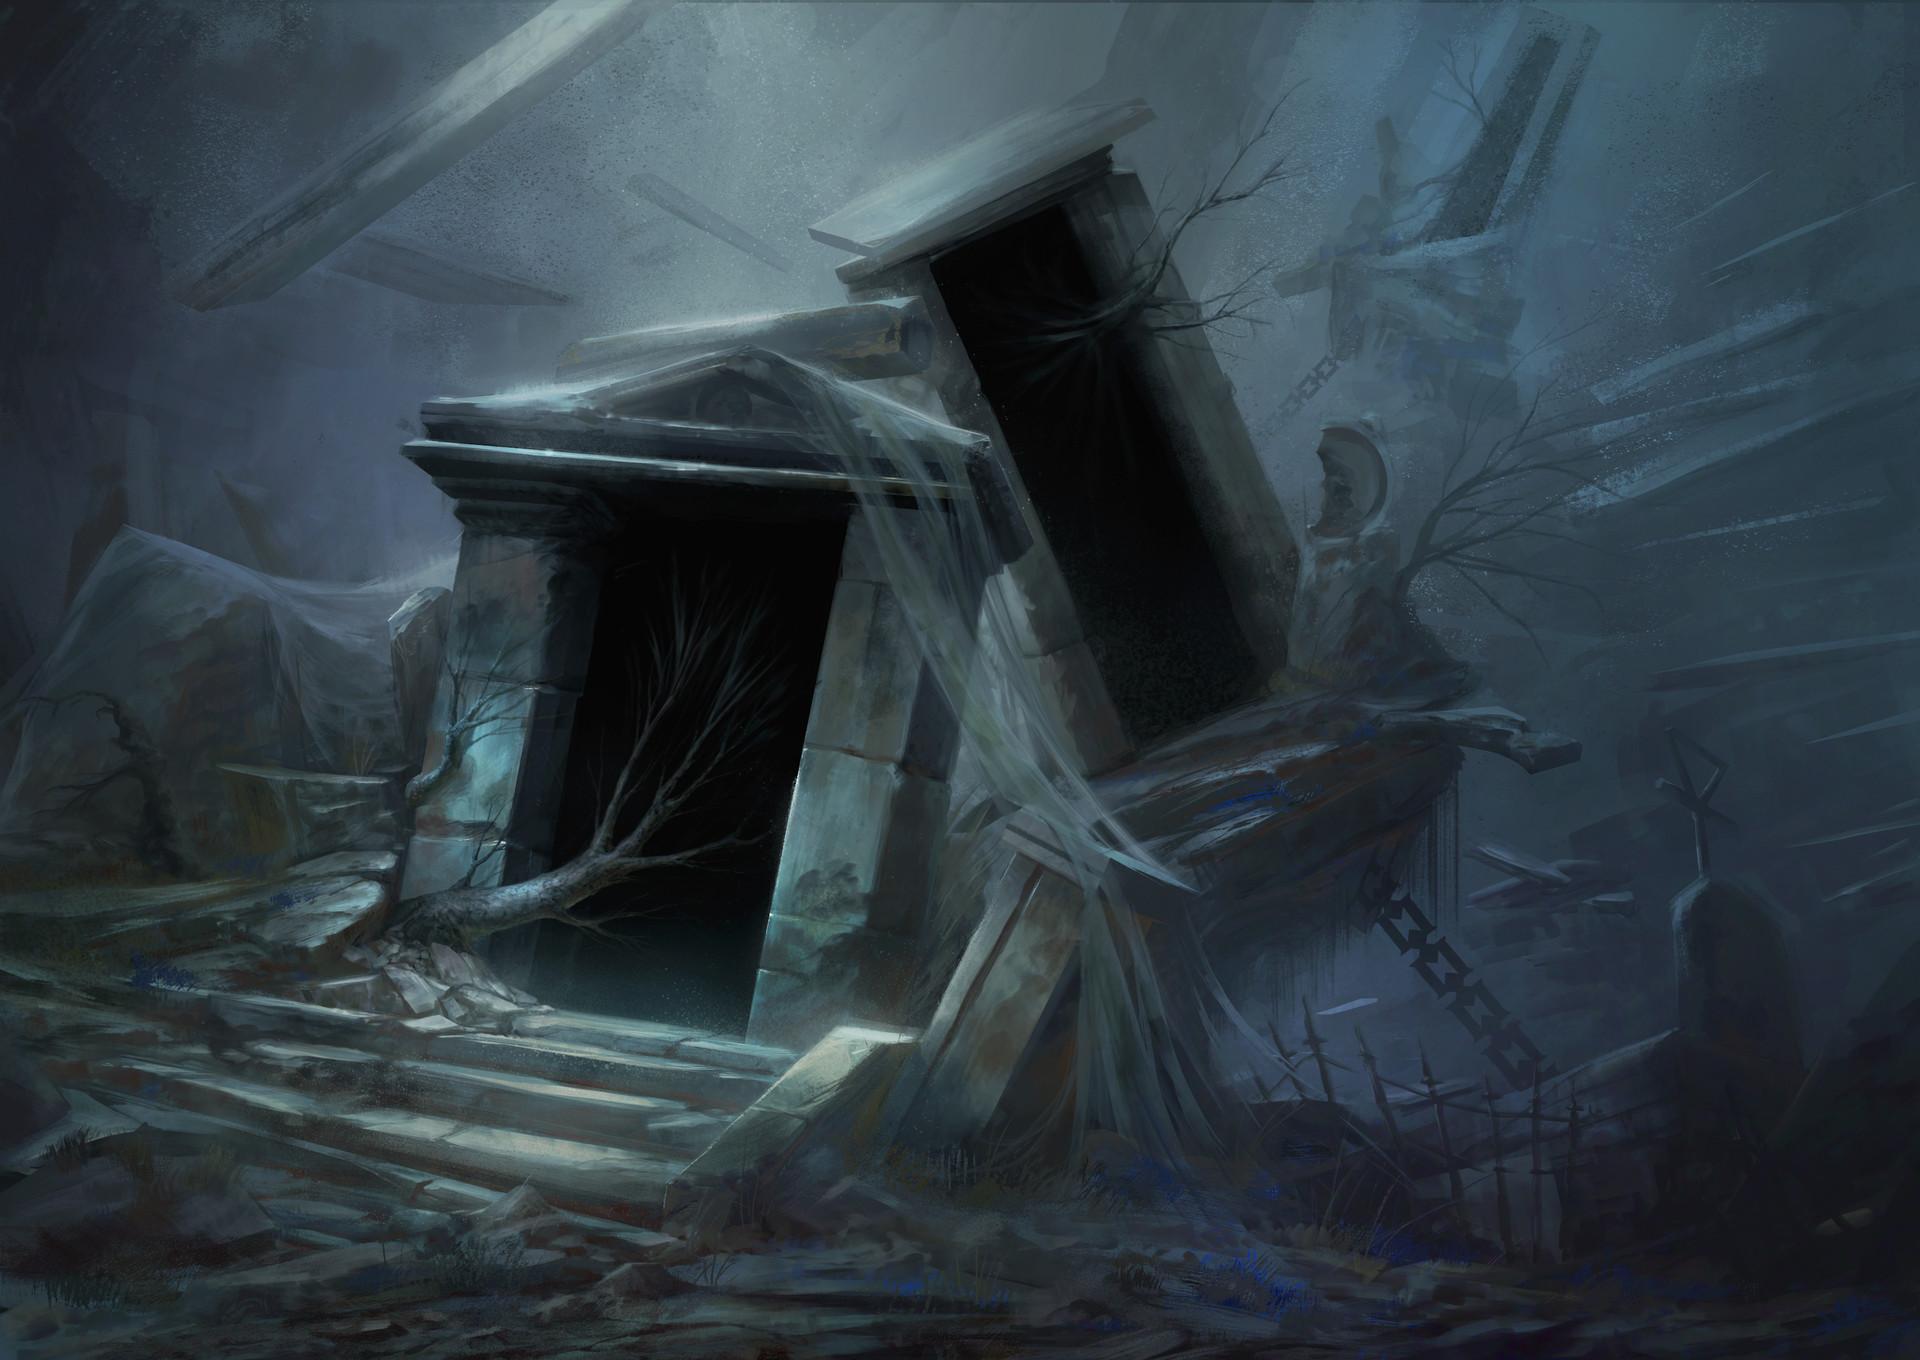 David alvarez portal 32